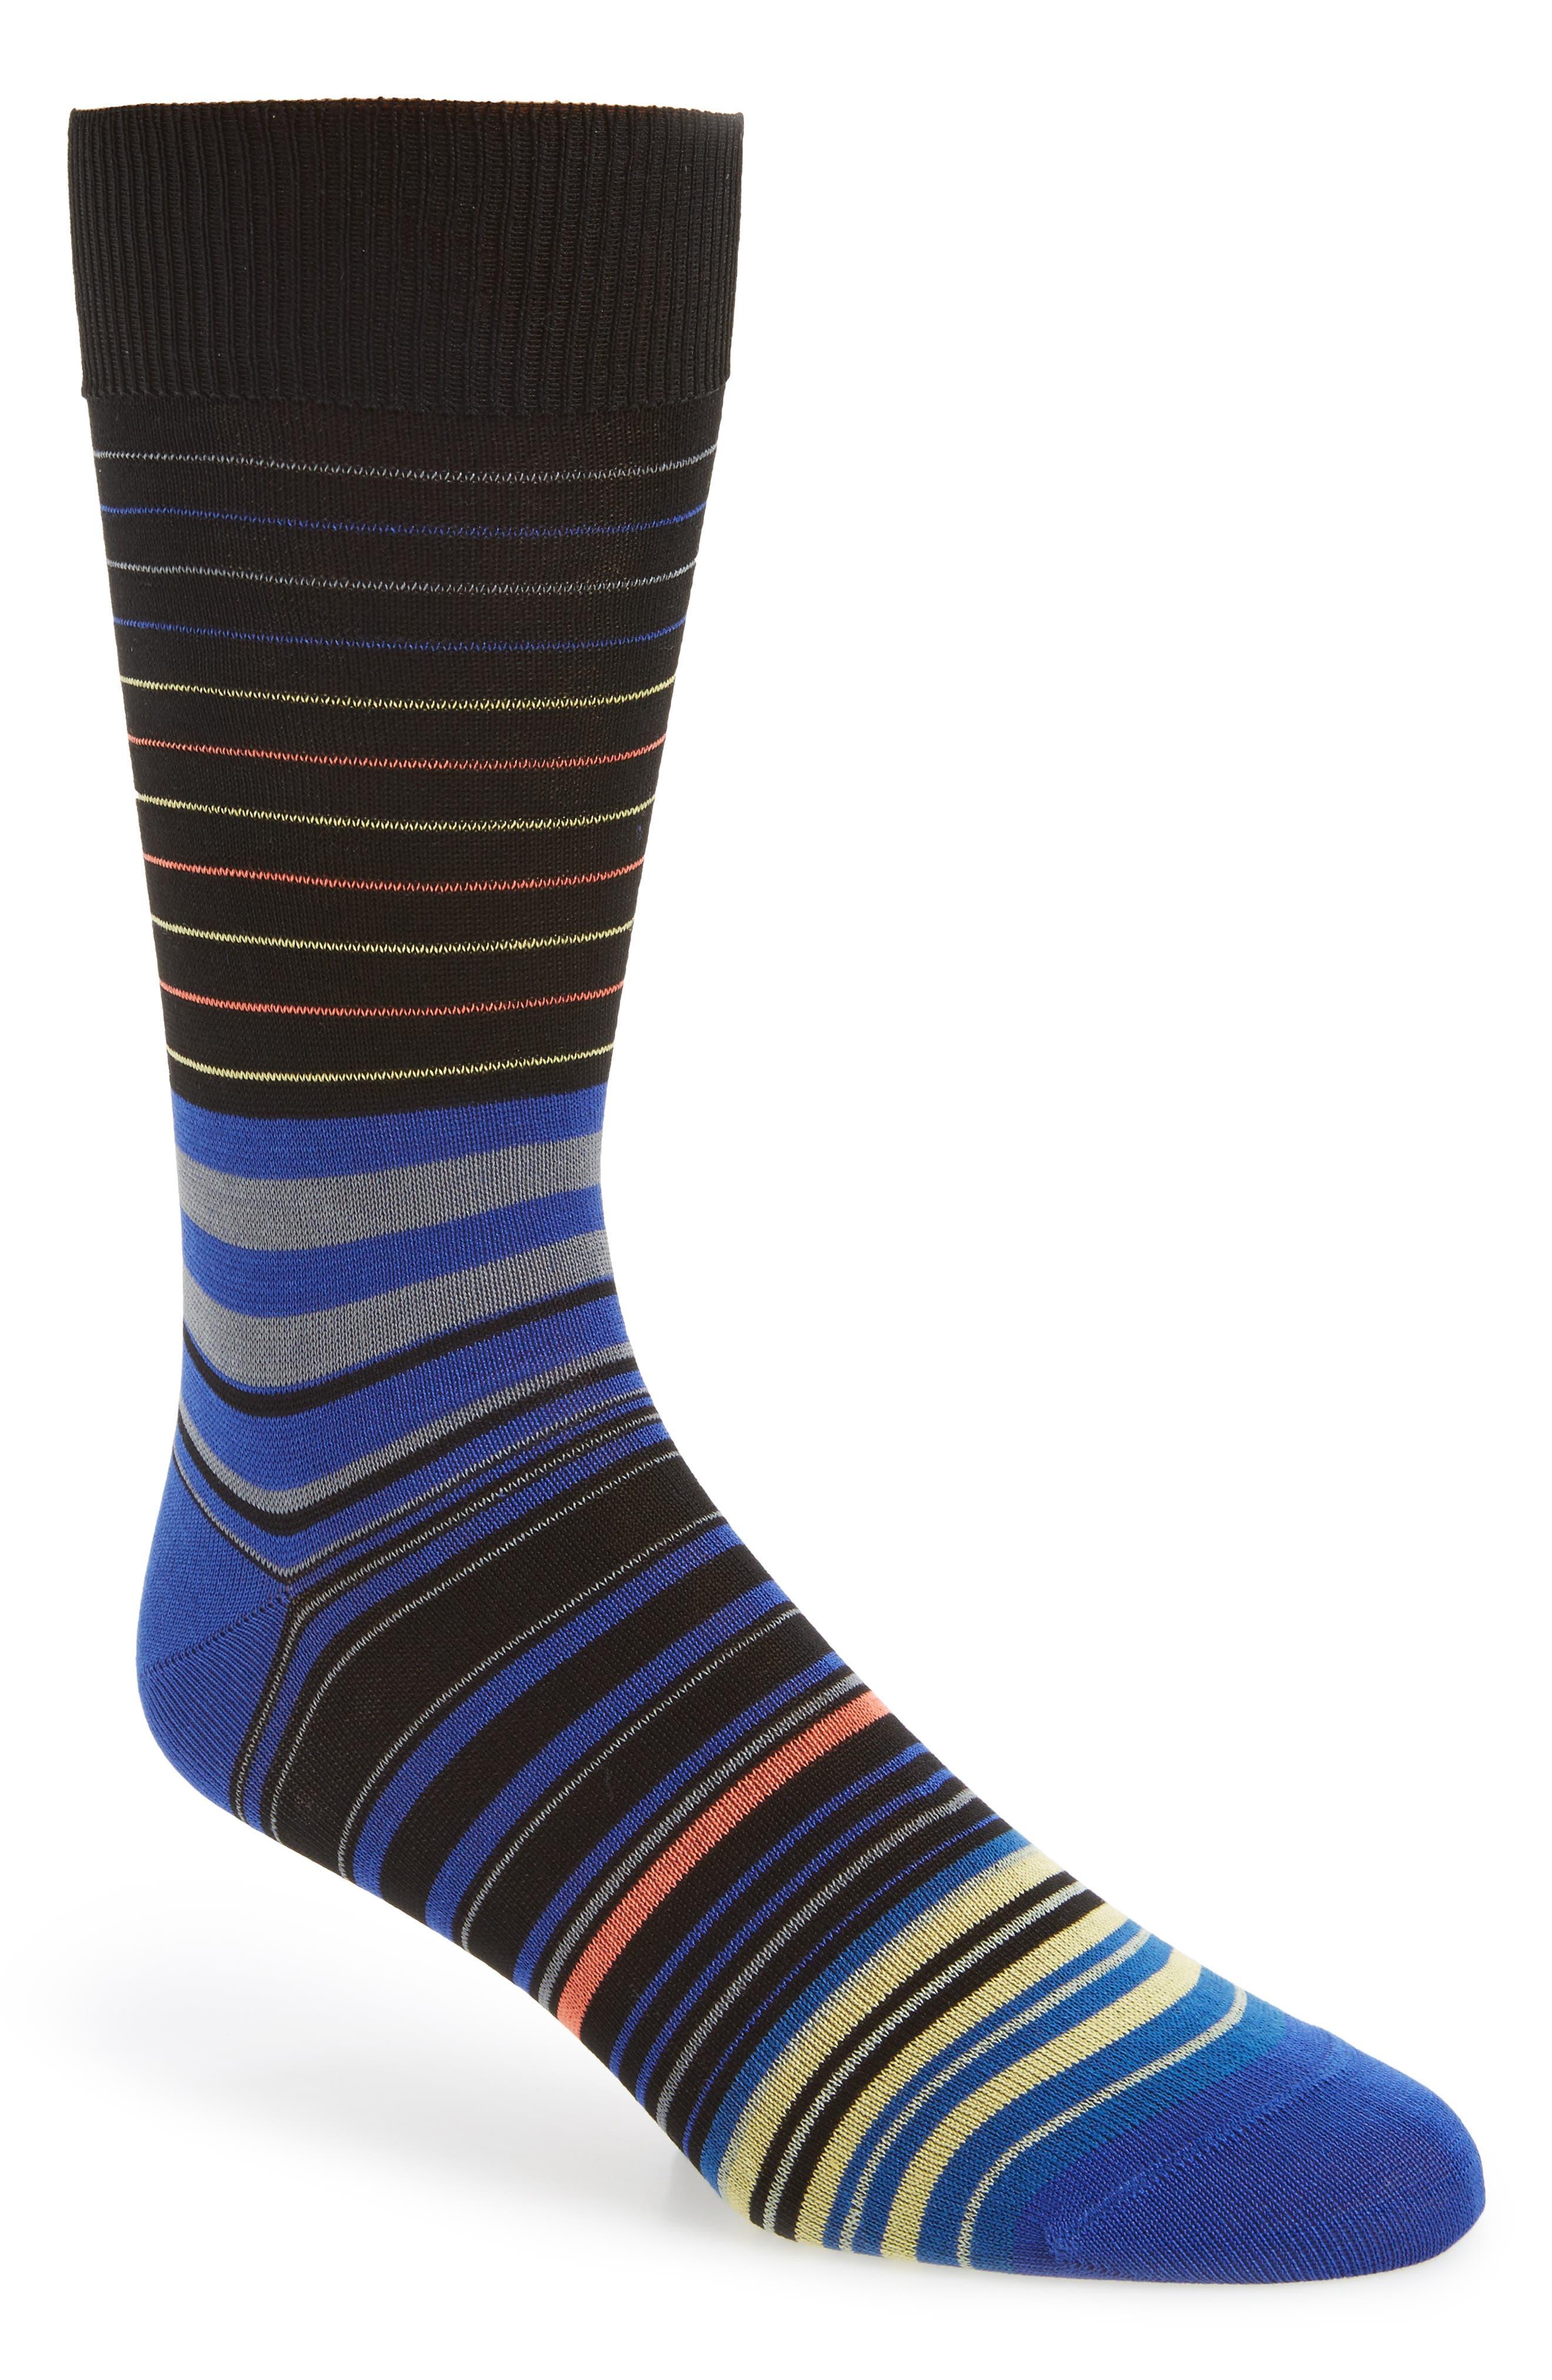 Piggle Stripe Socks,                             Main thumbnail 1, color,                             415